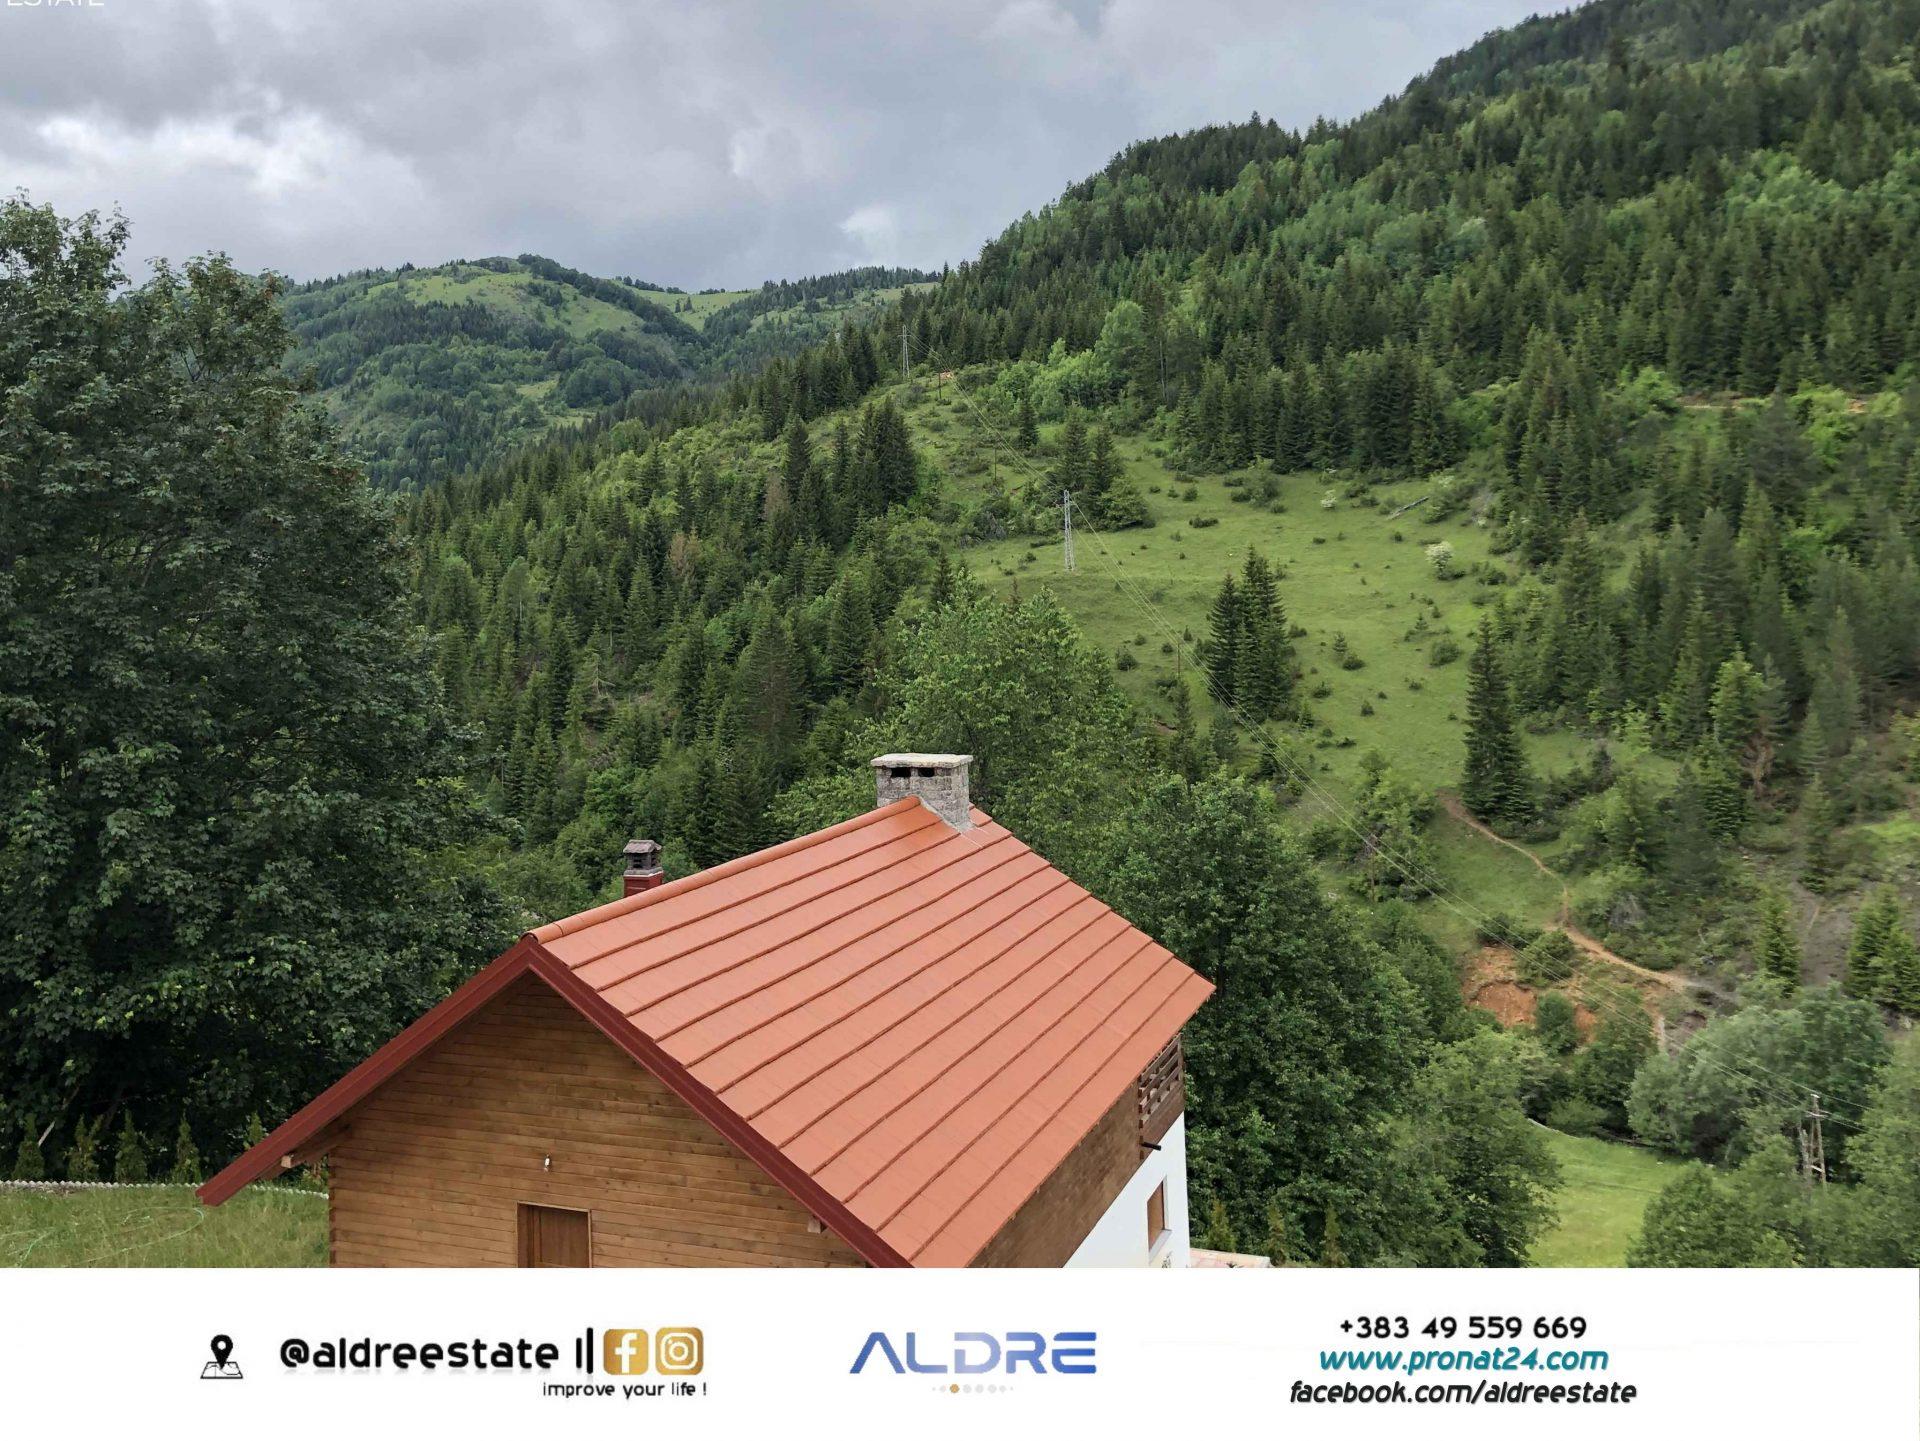 Ofrohet për shitje 1 hektar tokë në Haxhaj, Rugovë